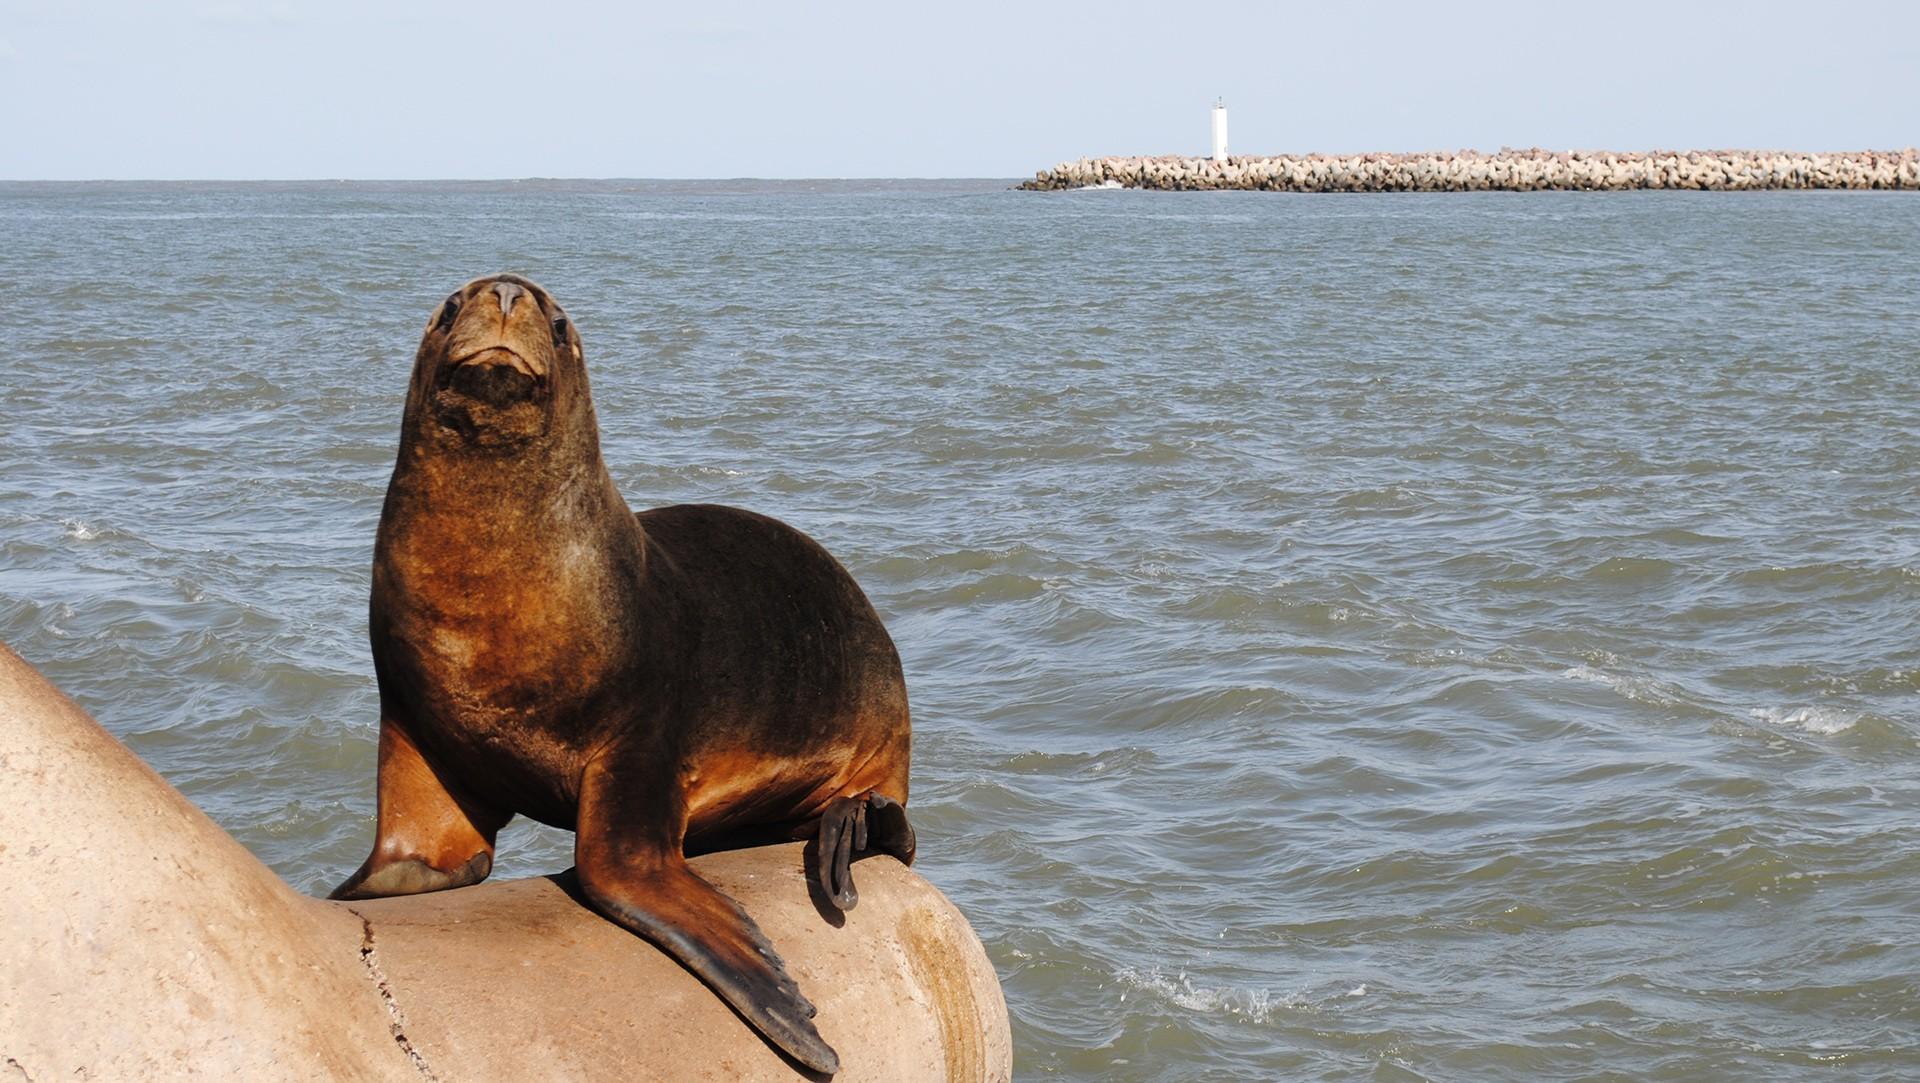 Nossa vida, nossos mares: Os Pinípedes do Sul